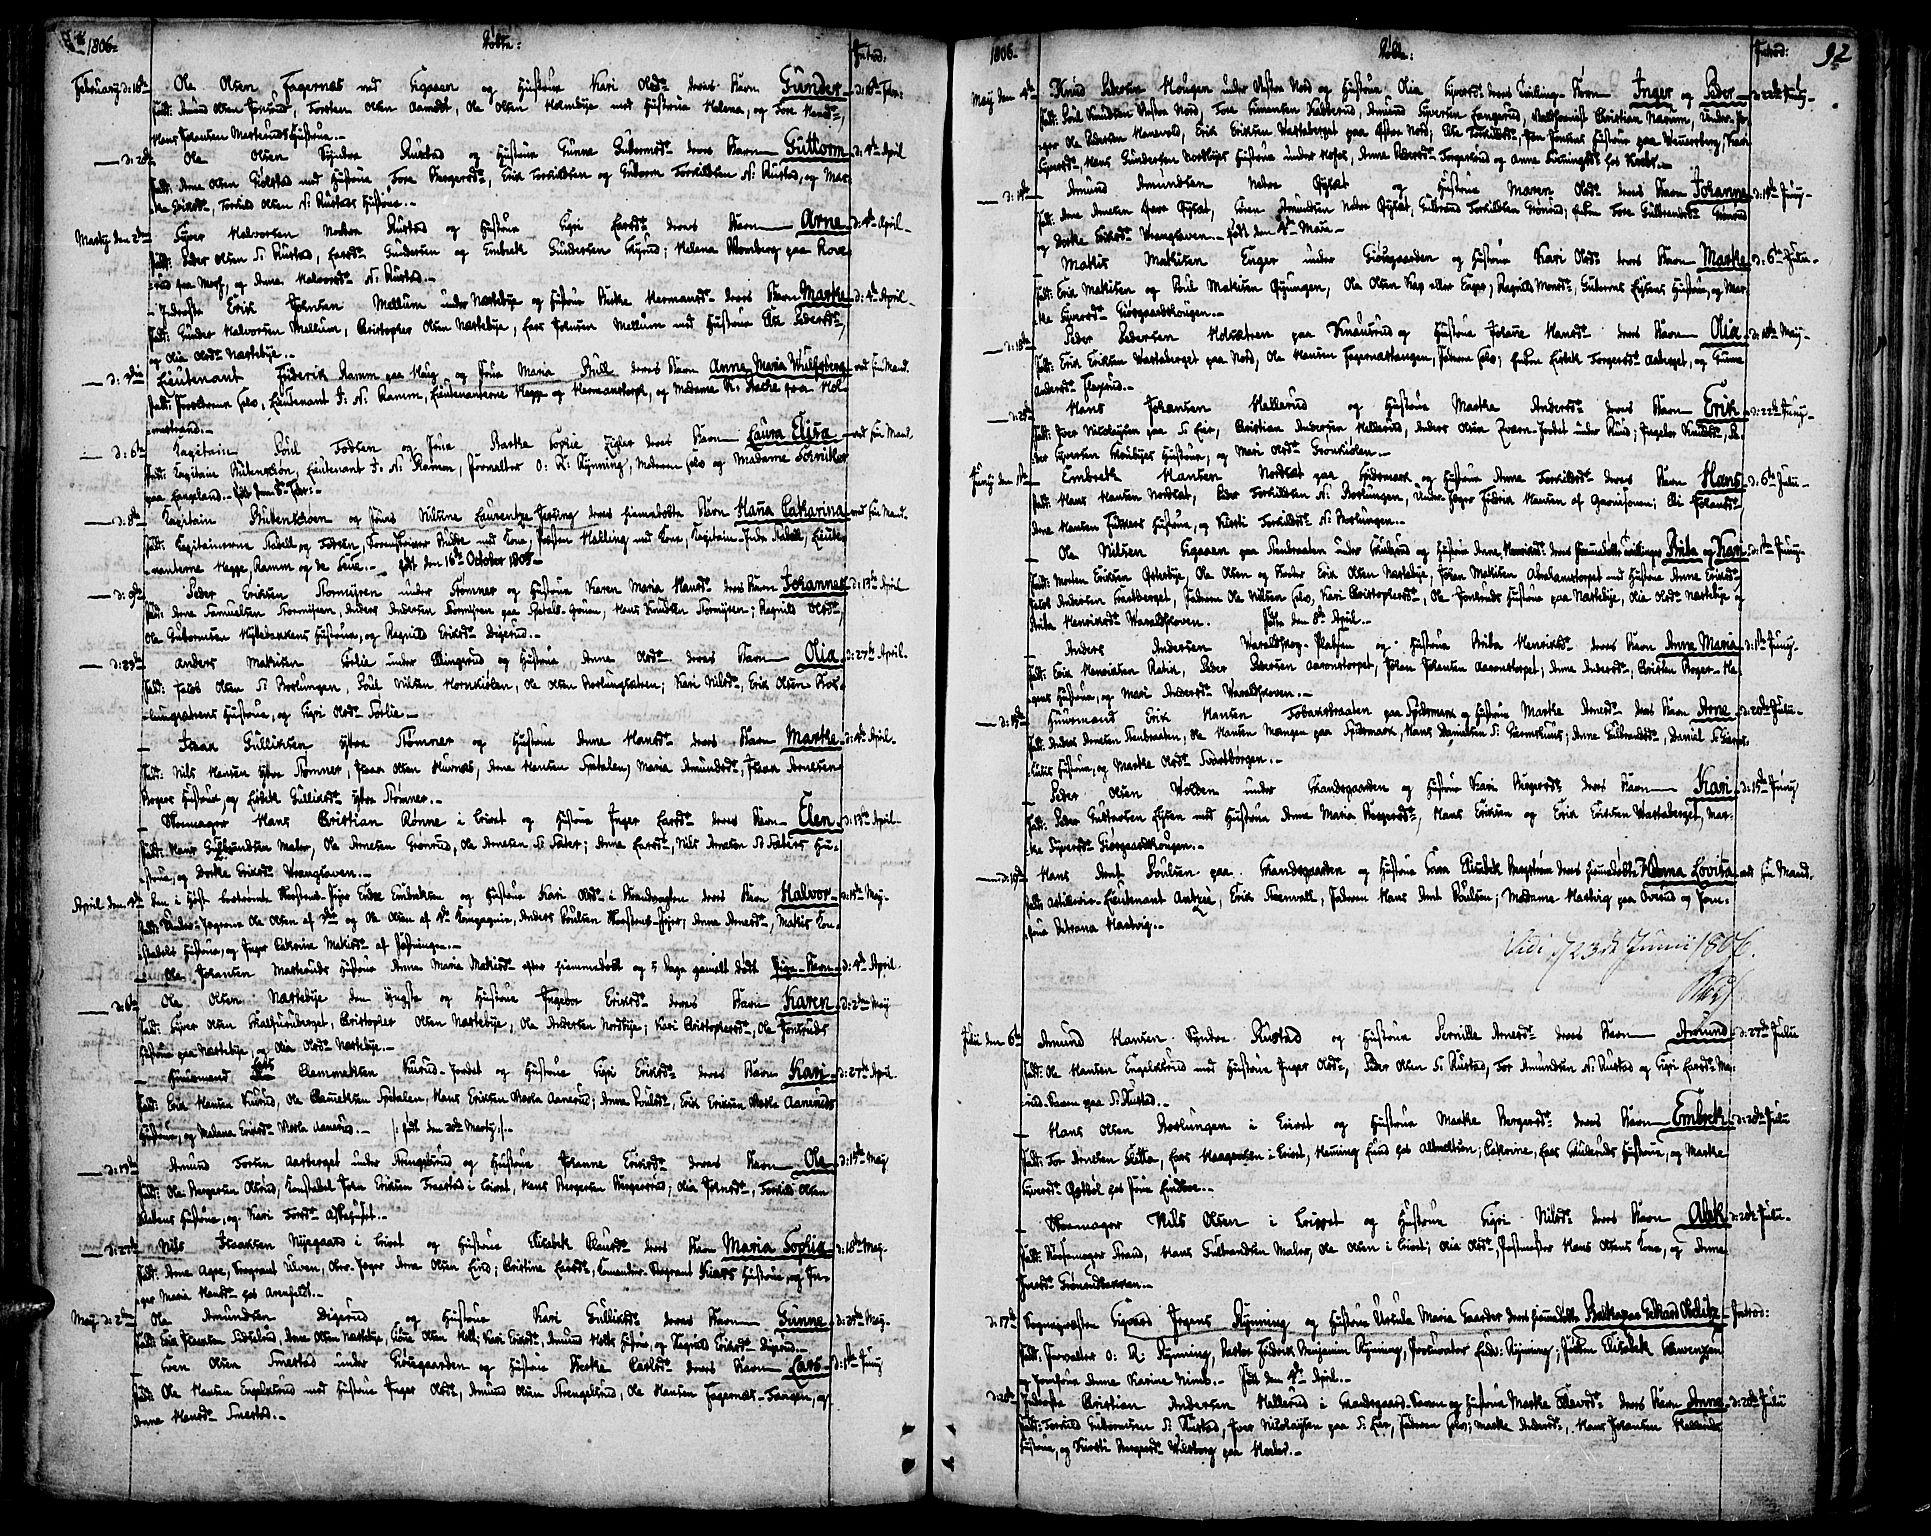 SAH, Vinger prestekontor, Ministerialbok nr. 5, 1772-1813, s. 92